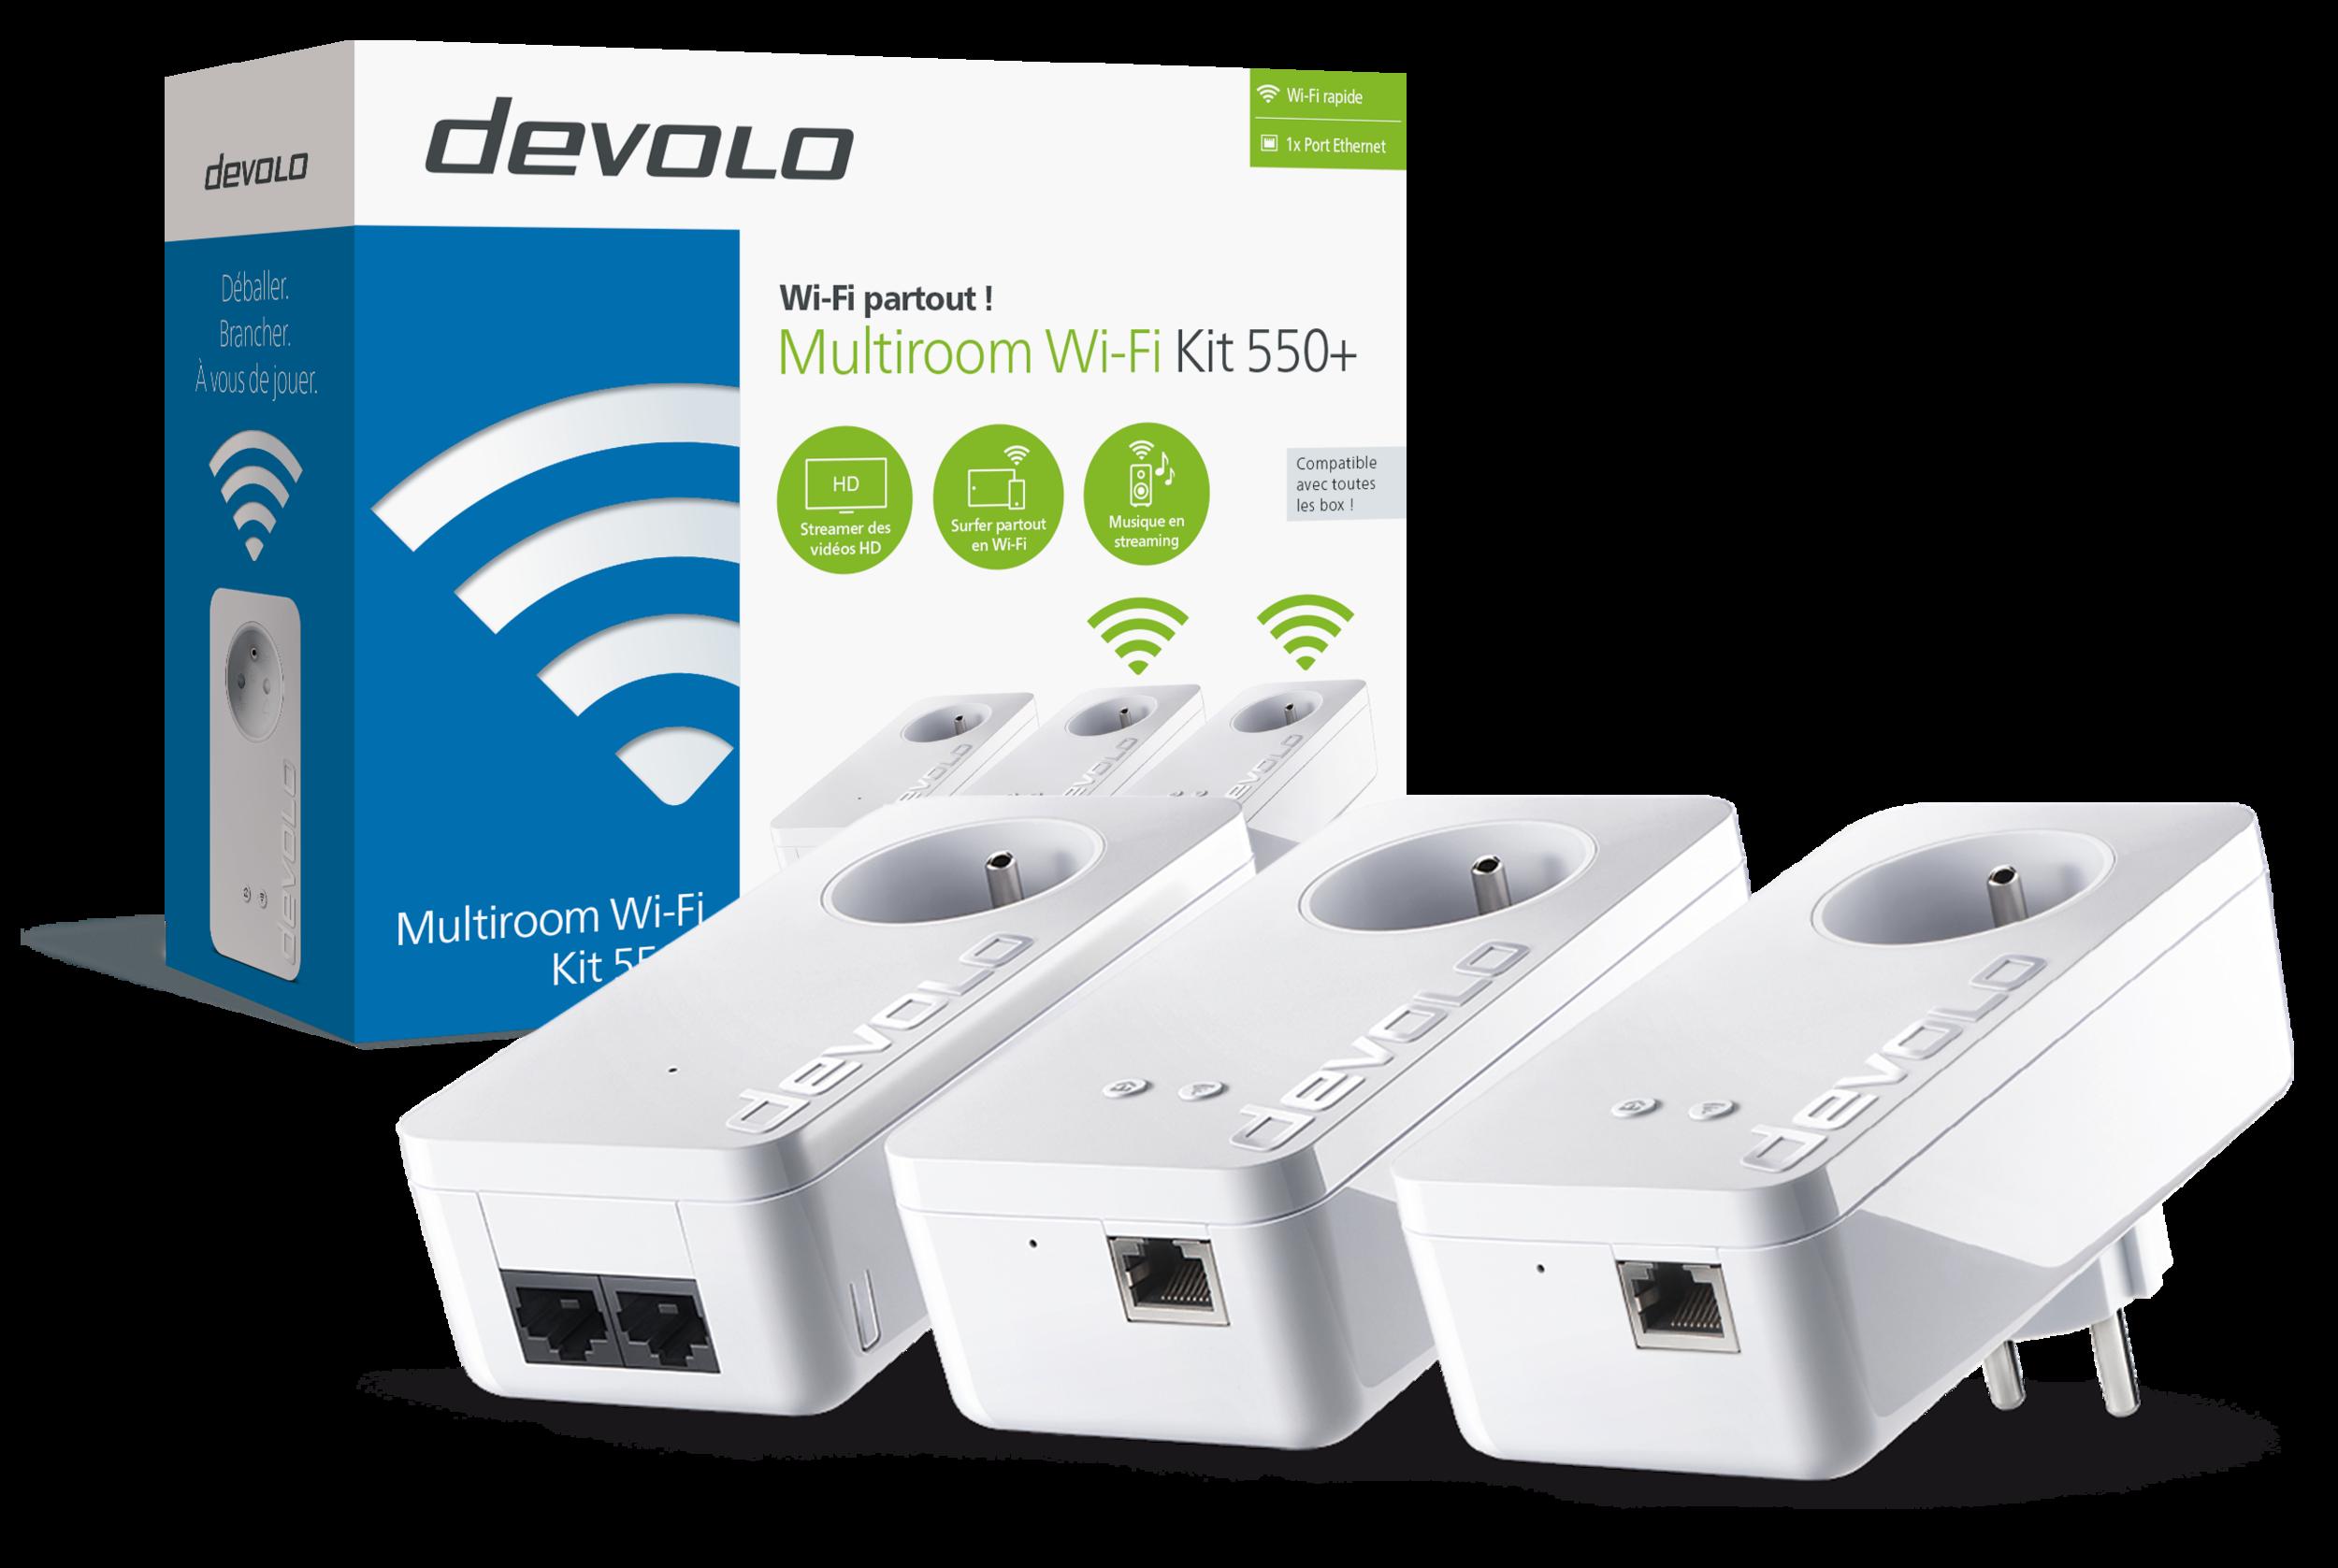 devolo Multiroom WiFi Kit 550 _4.png